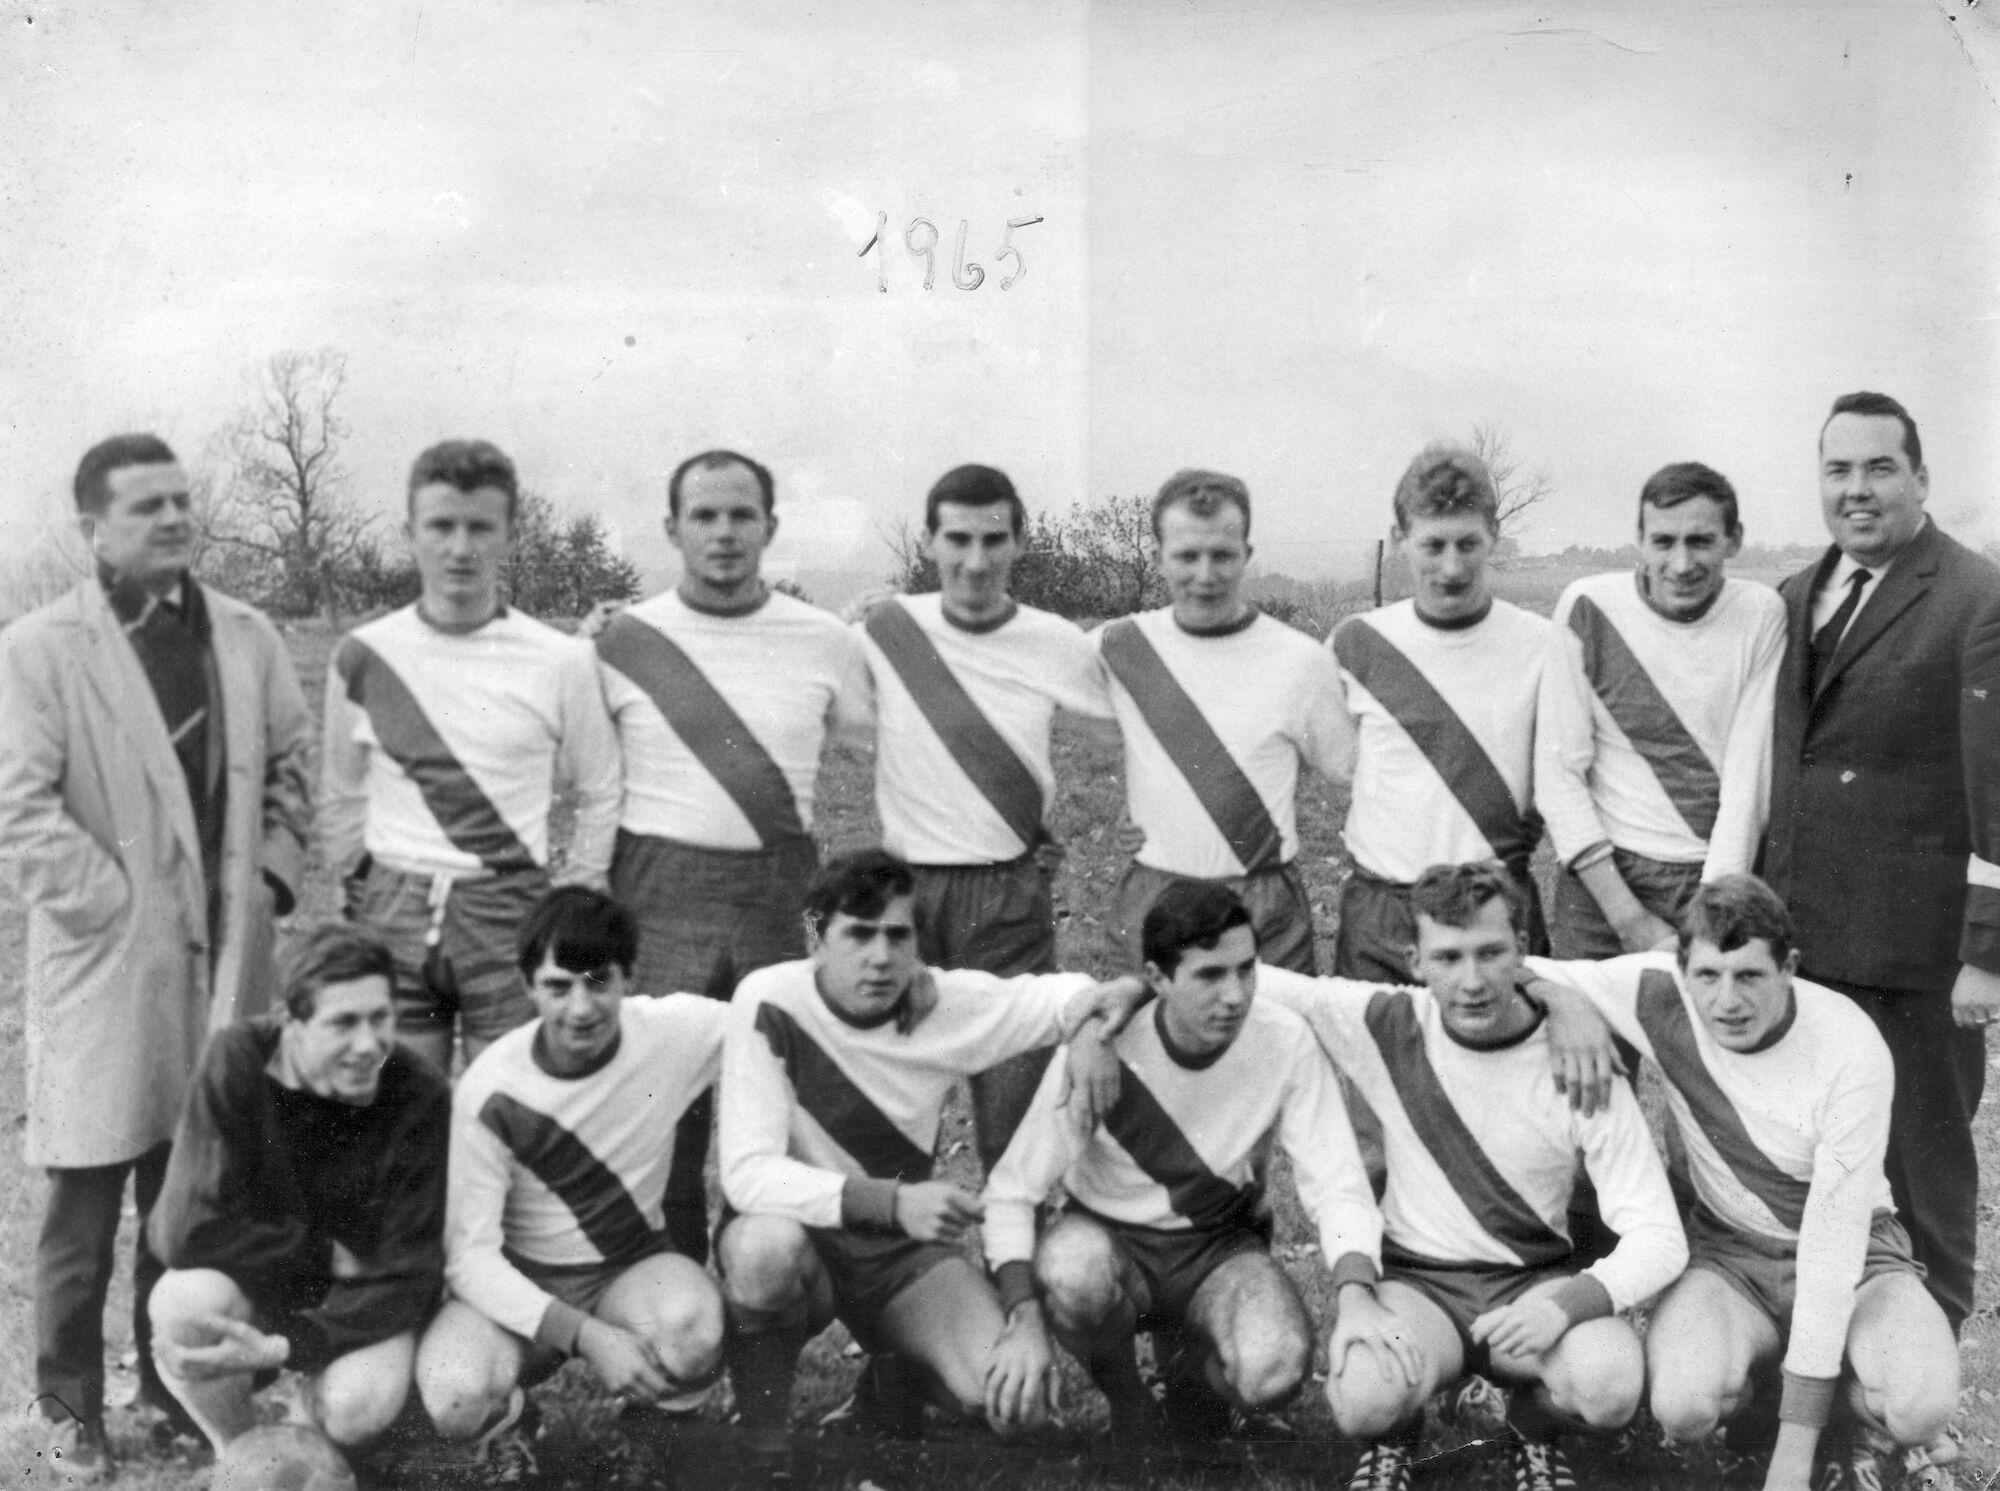 Louise Marie: groepsfoto voetbalploeg 1965